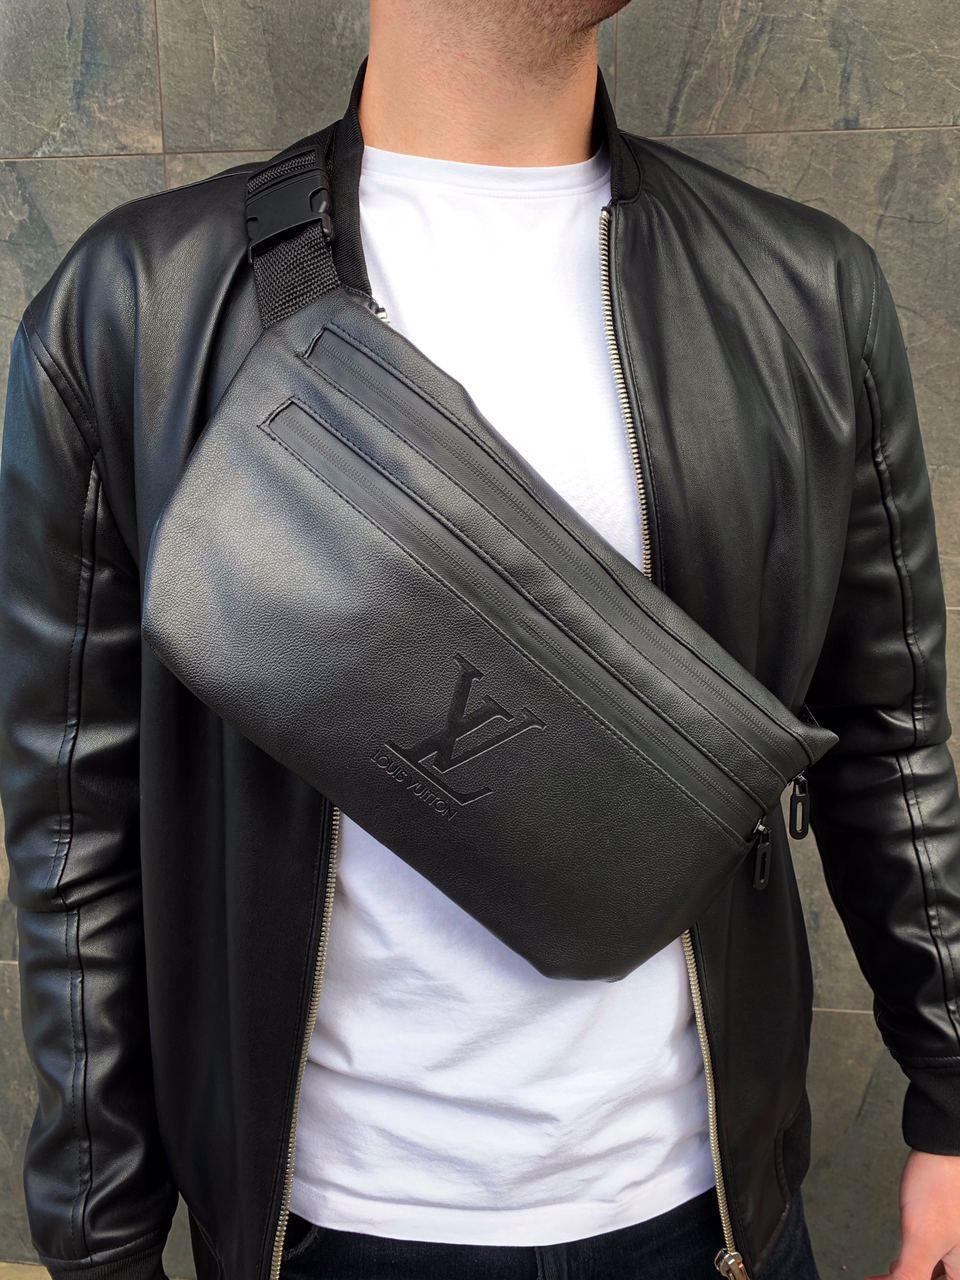 Бананка Louis Vuitton (LV) кожа (шкірозамінник) поясная сумка черная мужская женская